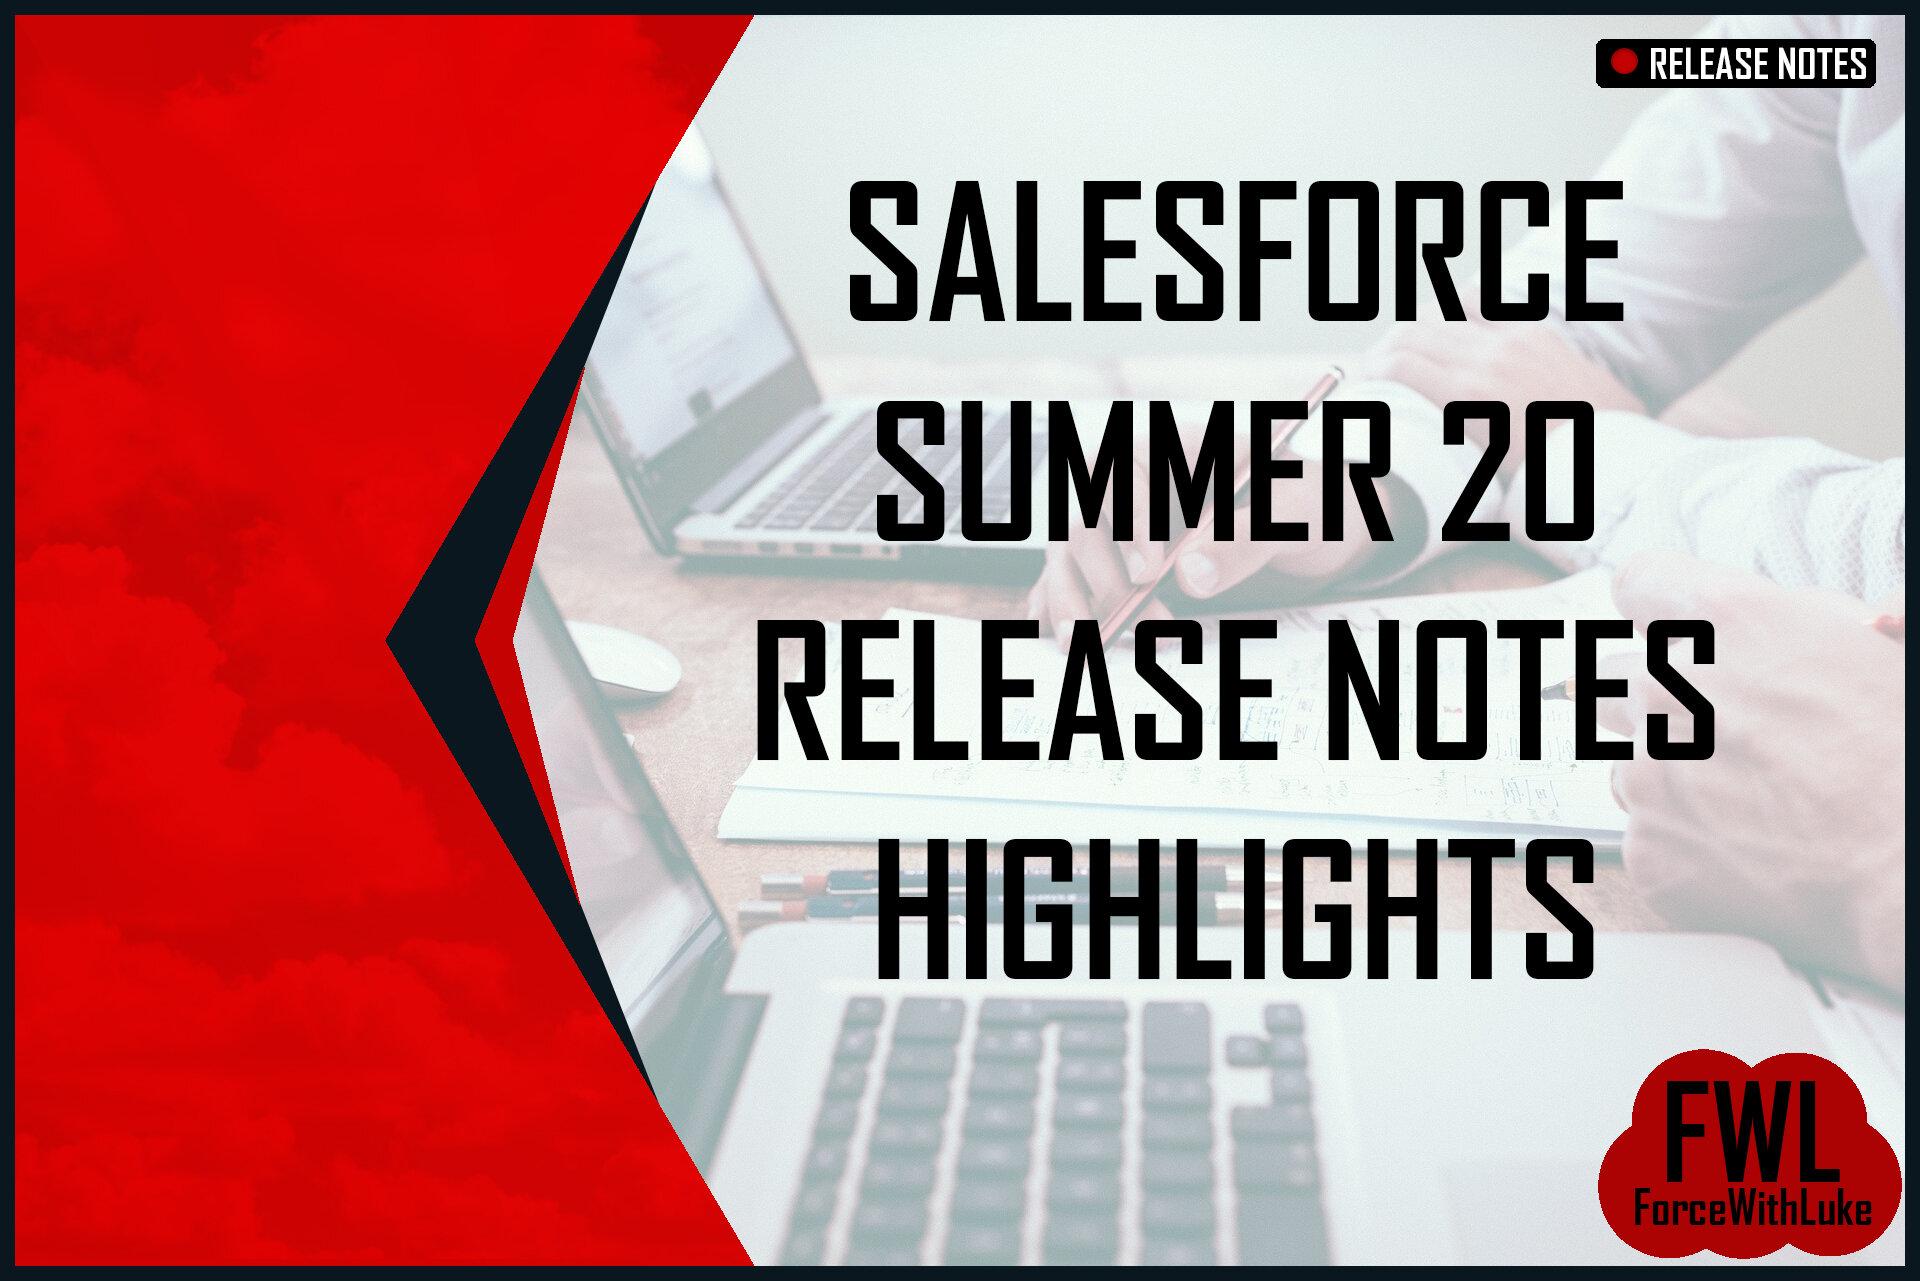 Salesforce summer 20